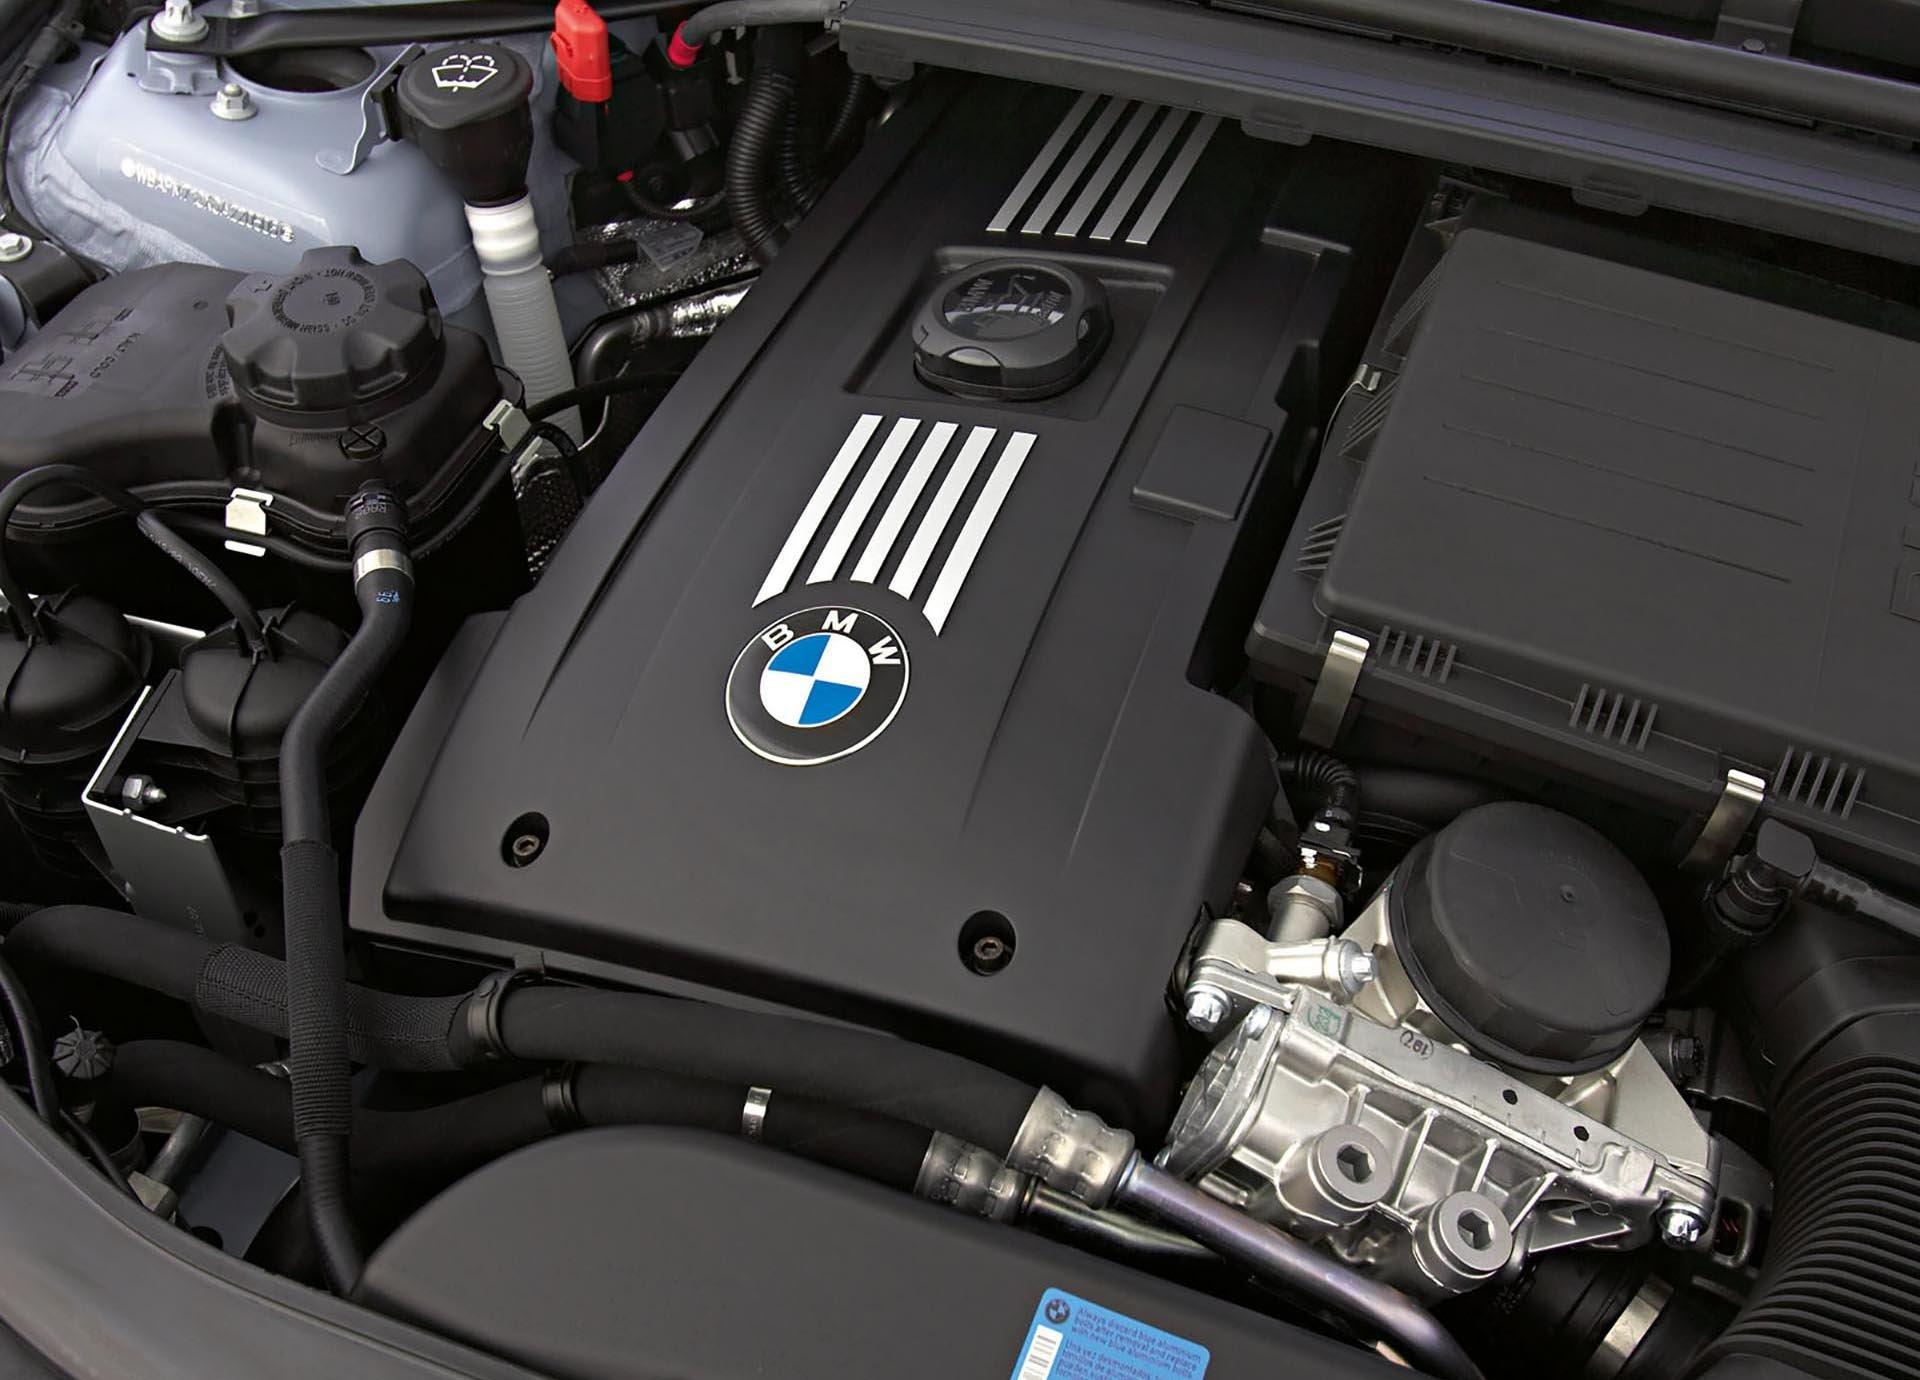 14_BMW_N54 engine bay